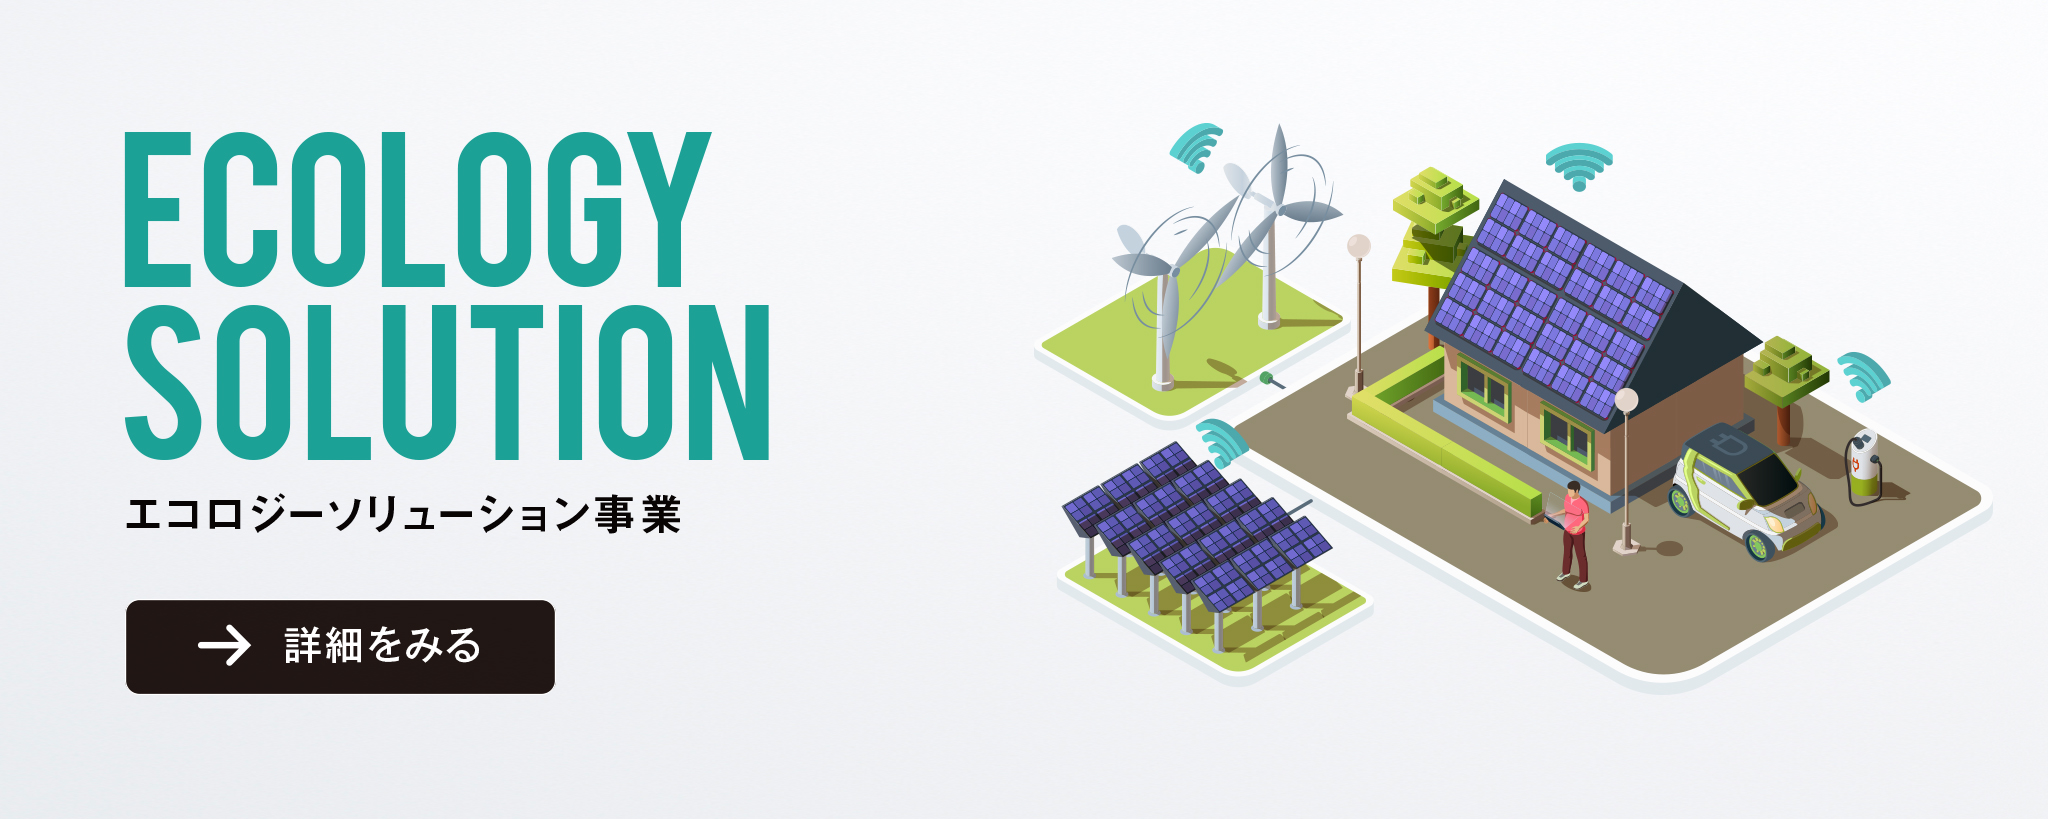 エコロジーソリューション事業